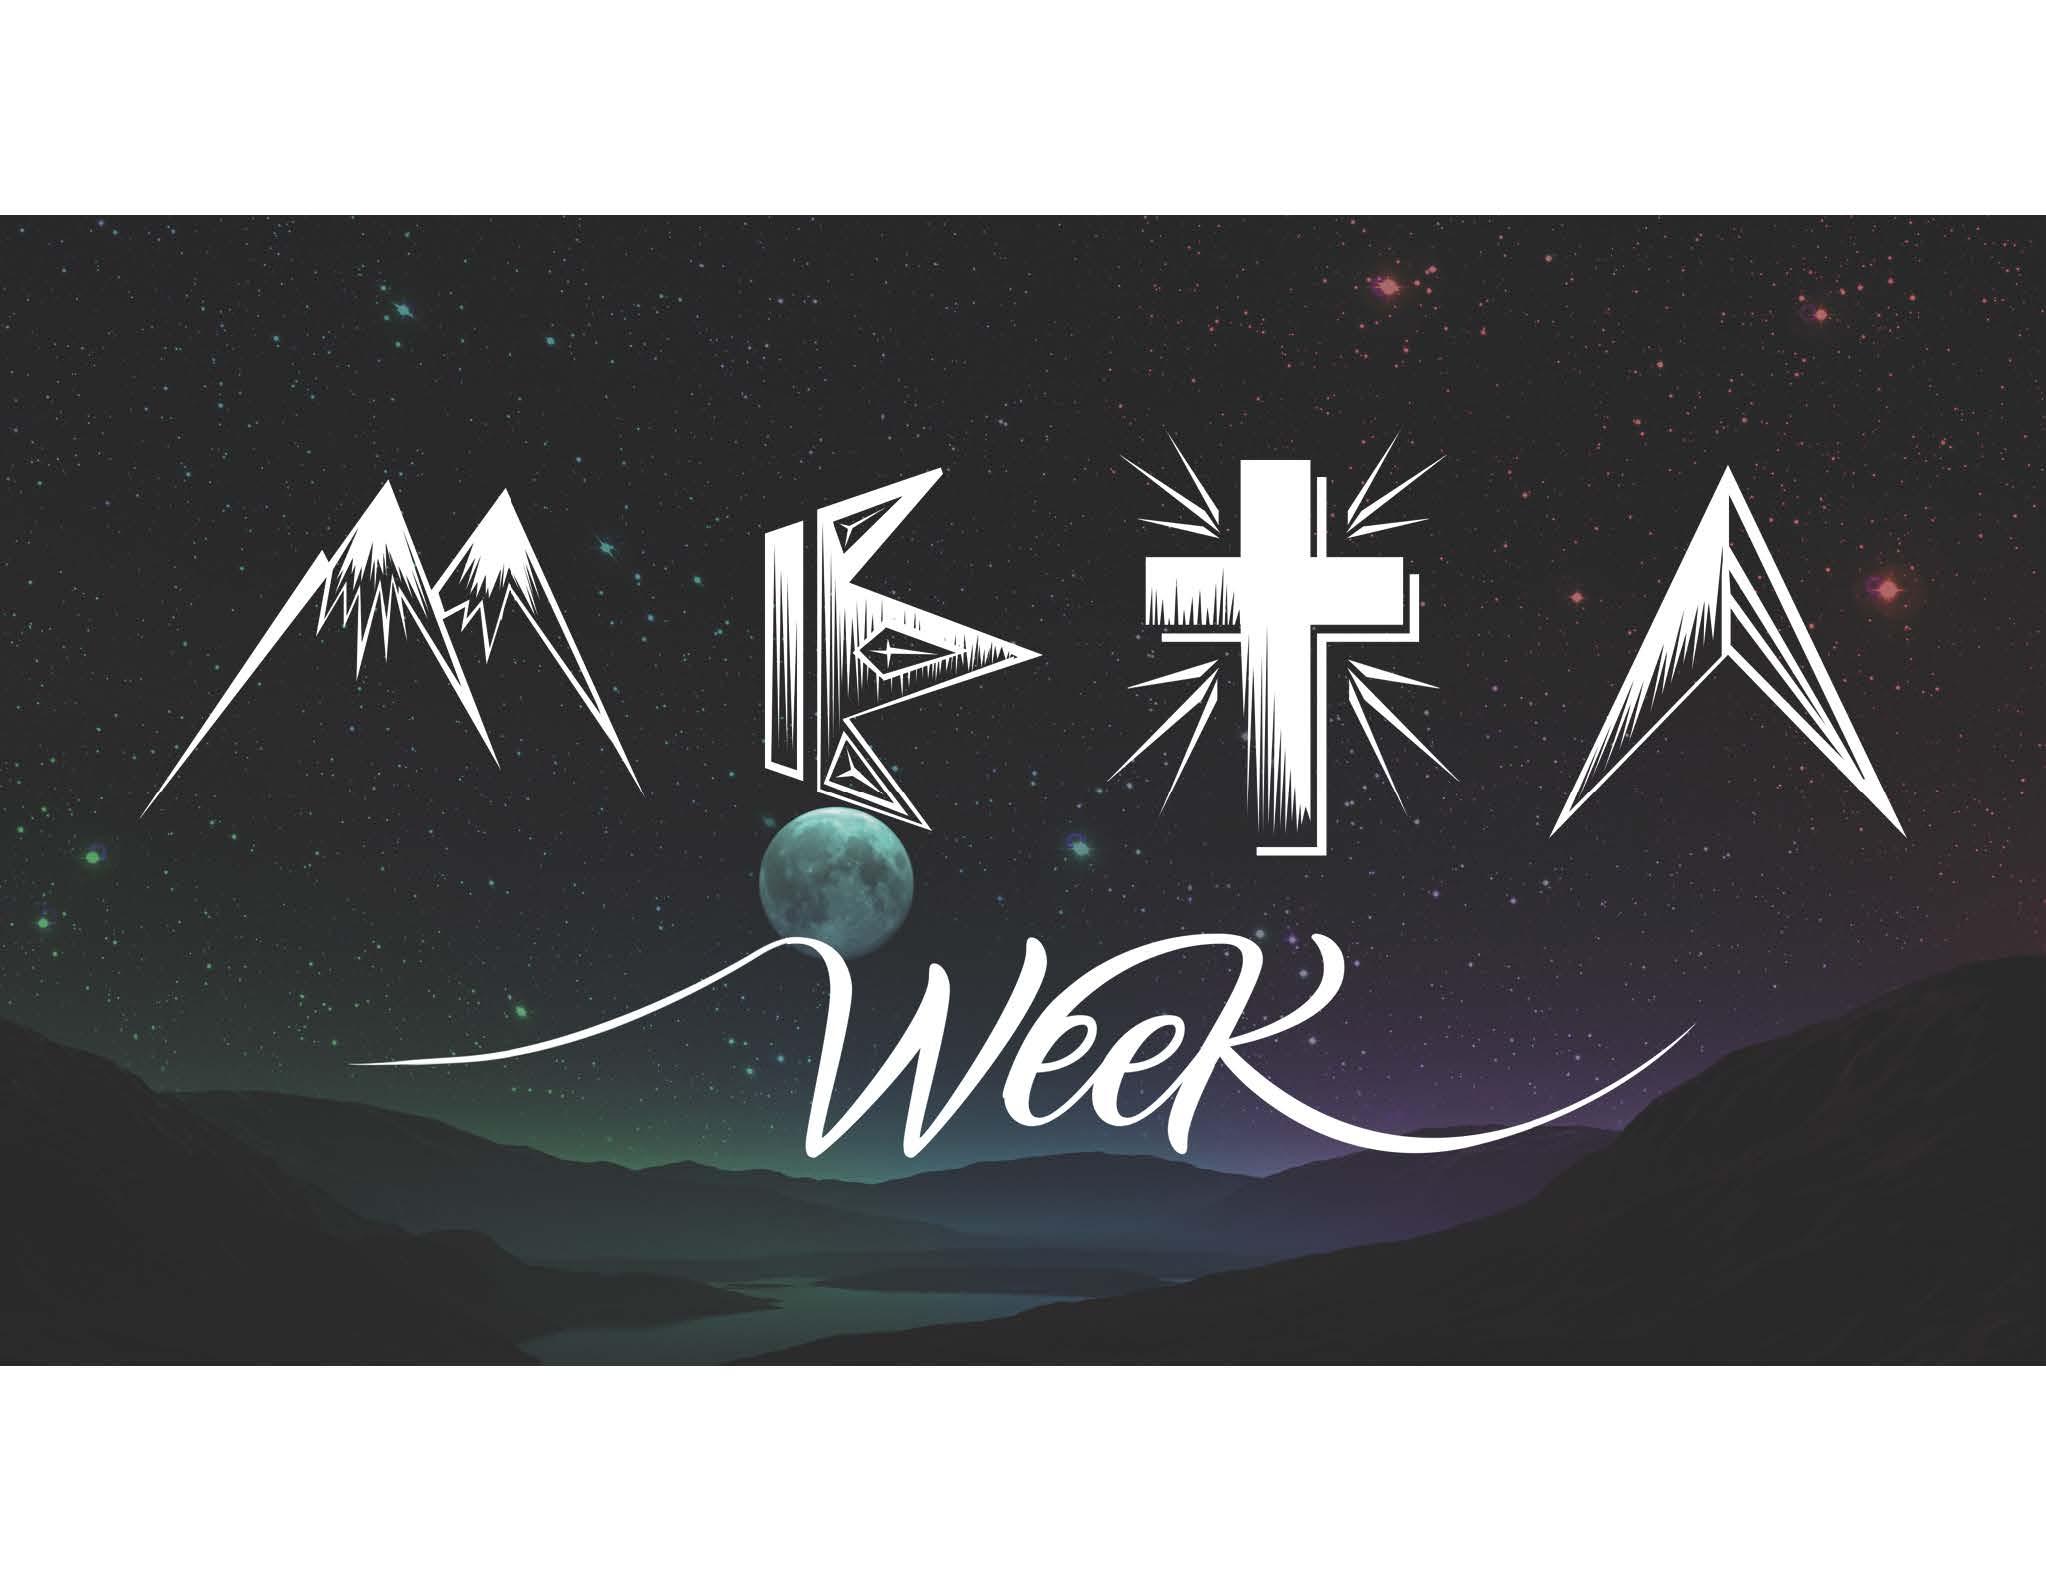 Meta week logo